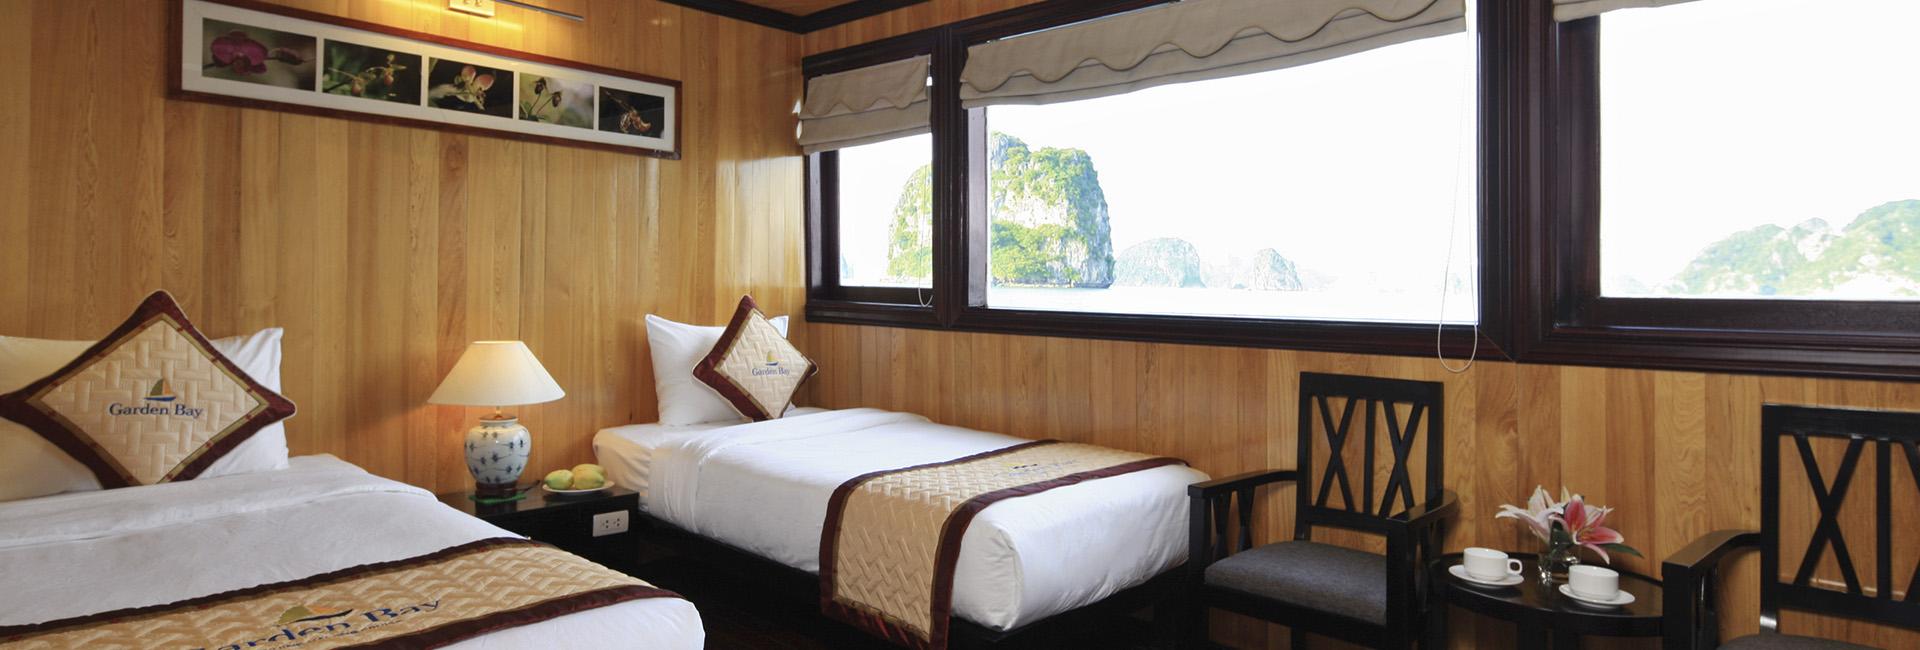 Garden Bay Luxury Cruise Banner 2